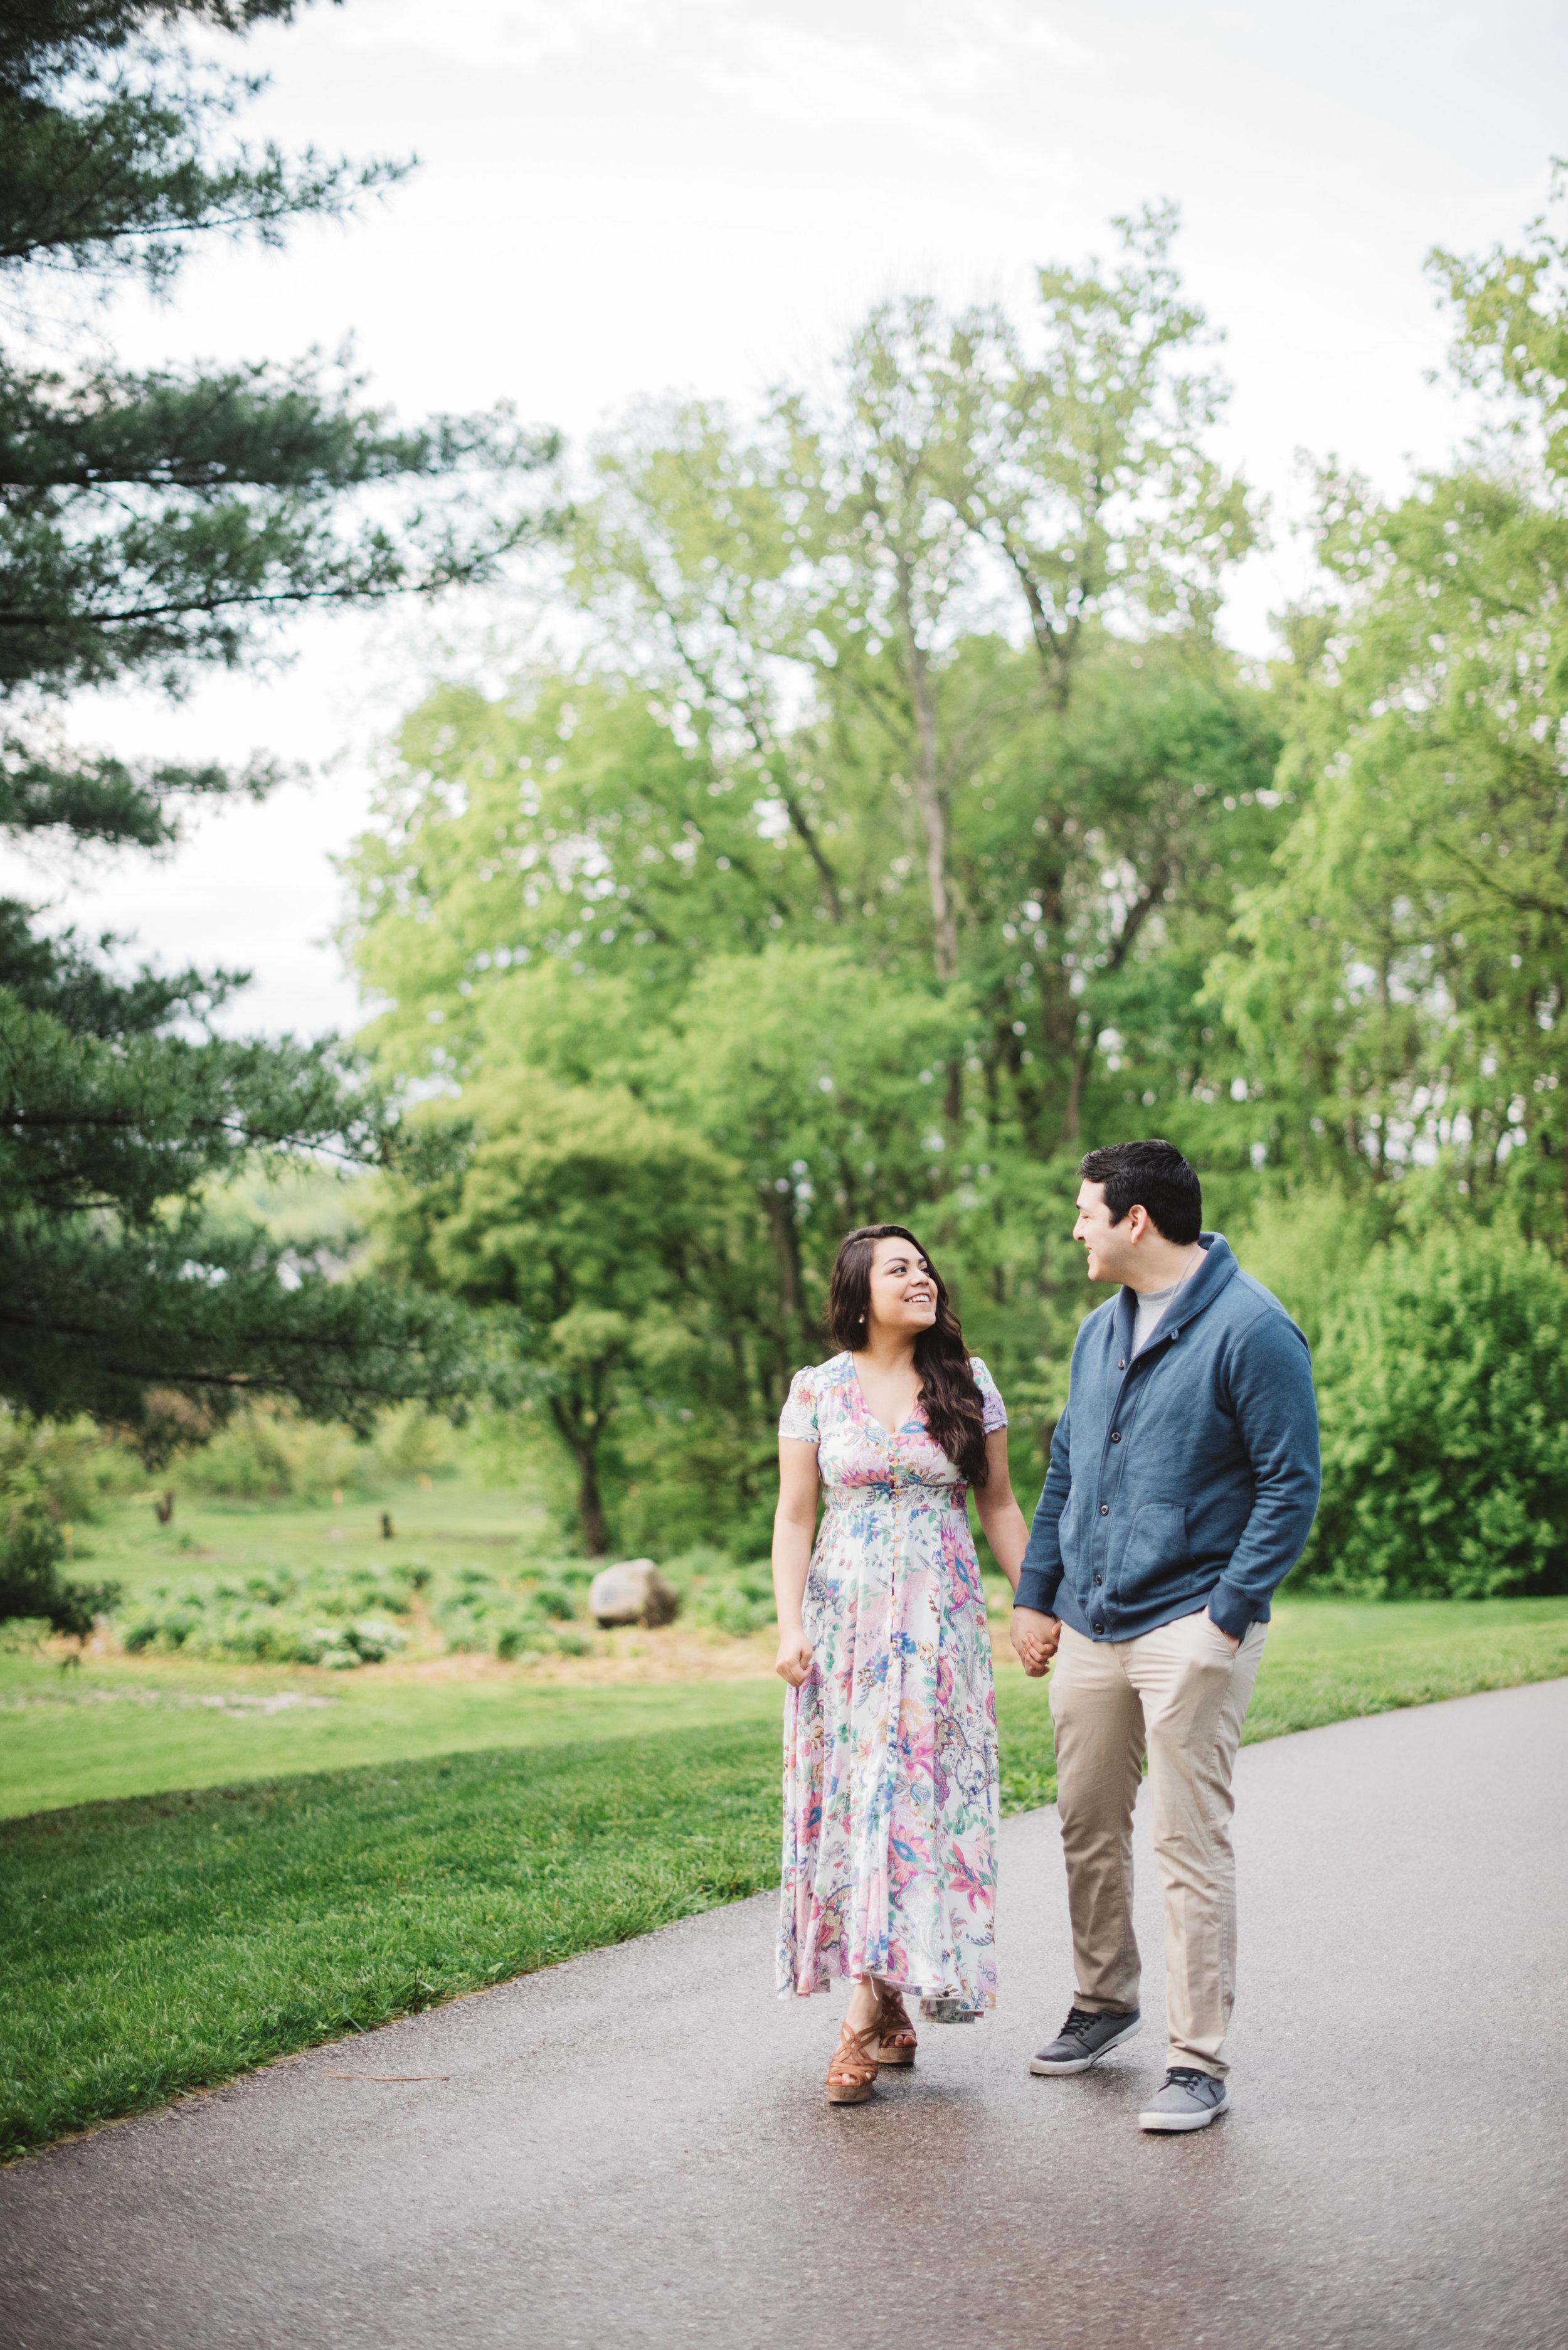 Lafayette Indiana Happy Hollow Park Engagement, Erika Aileen Photography, Erika Aileen, Sunrise Engagement Session